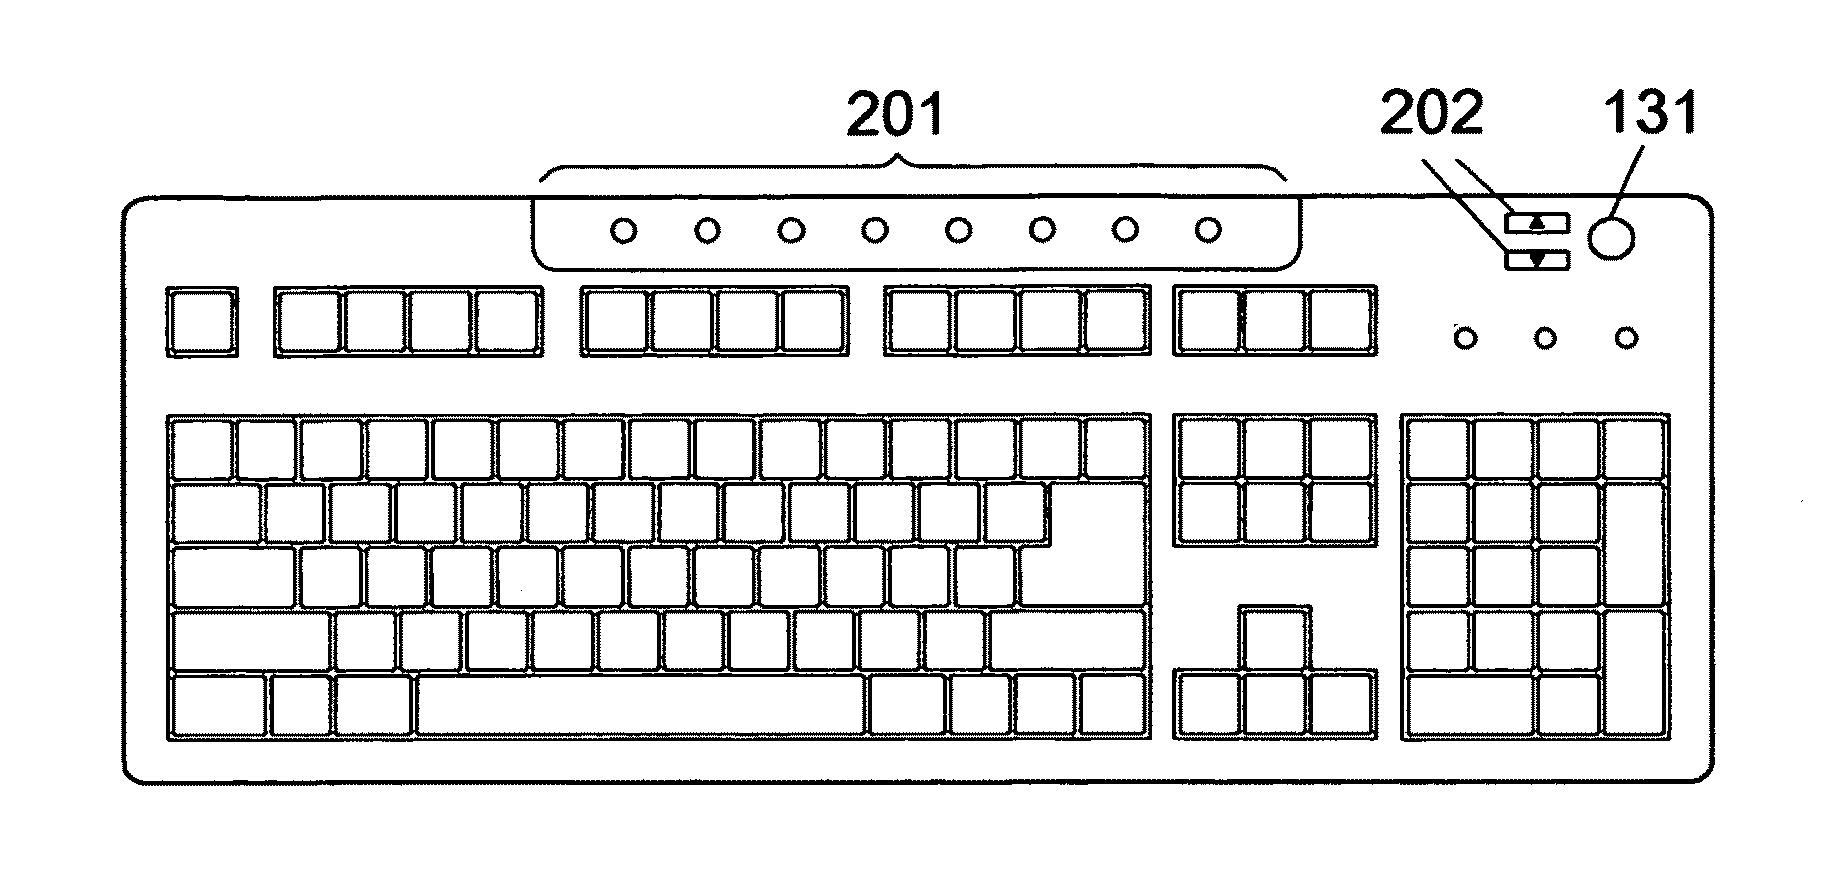 laptop keyboard drawing - photo #25